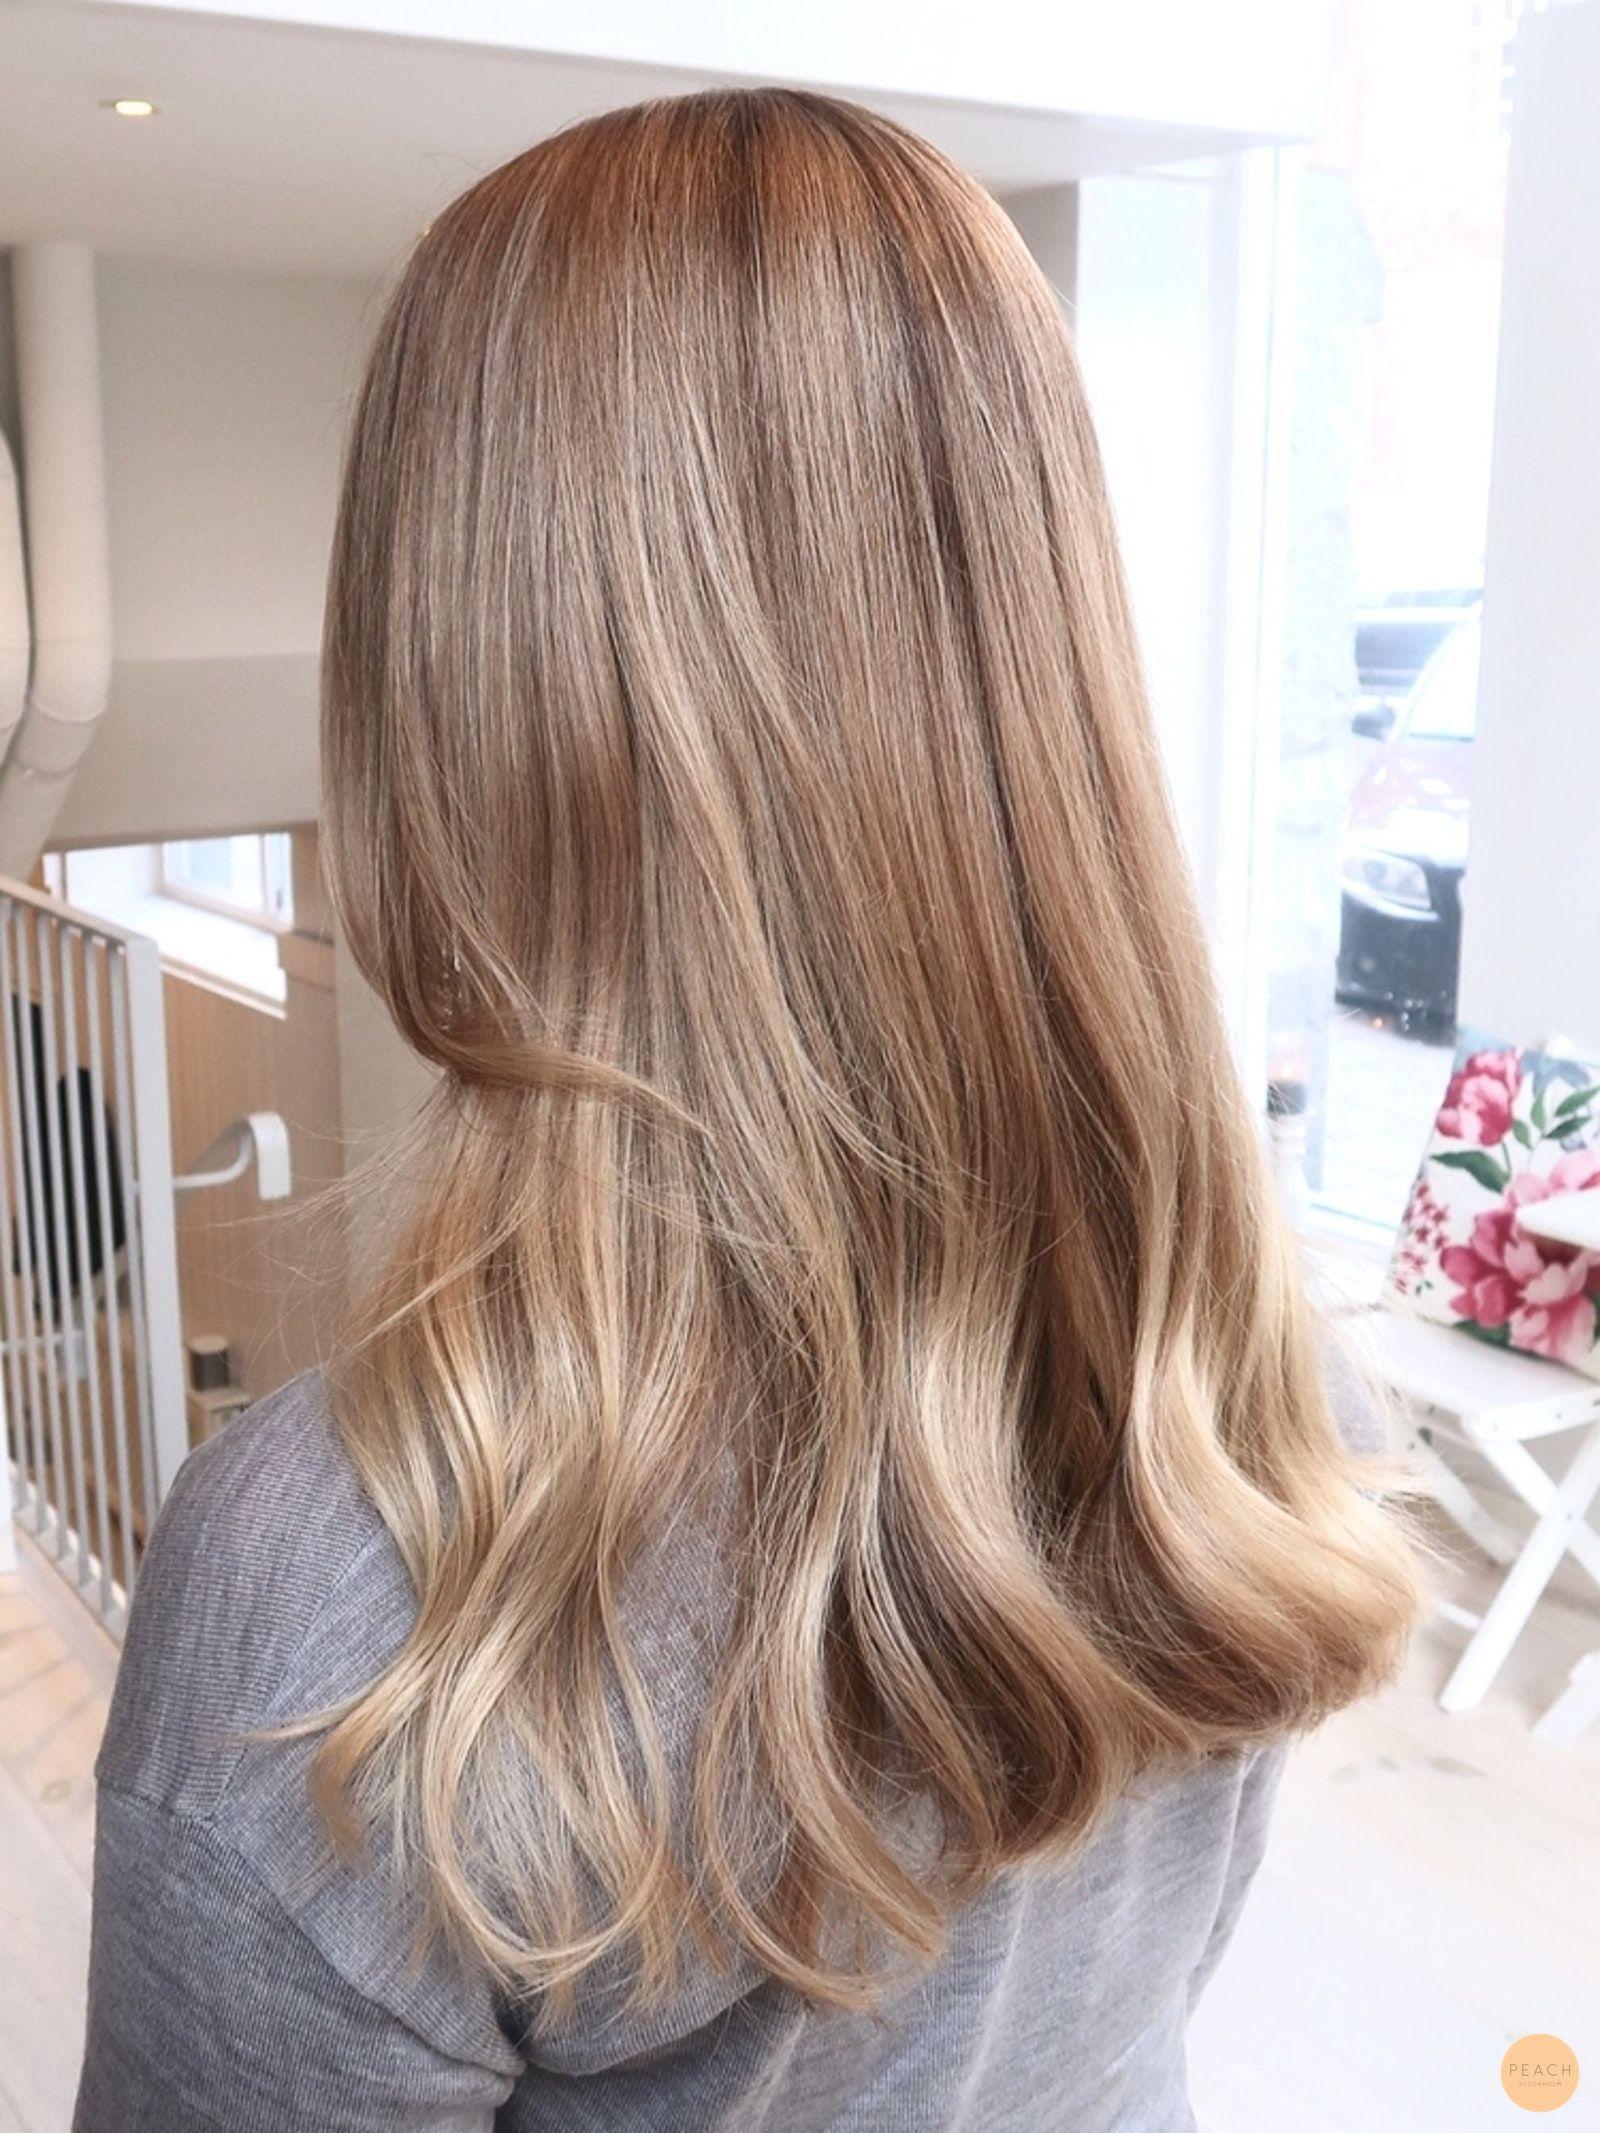 Slingor Kall Blond Peach Stockholm In 2020 Dark Blonde Hair Dark Blonde Hair Color Cold Blonde